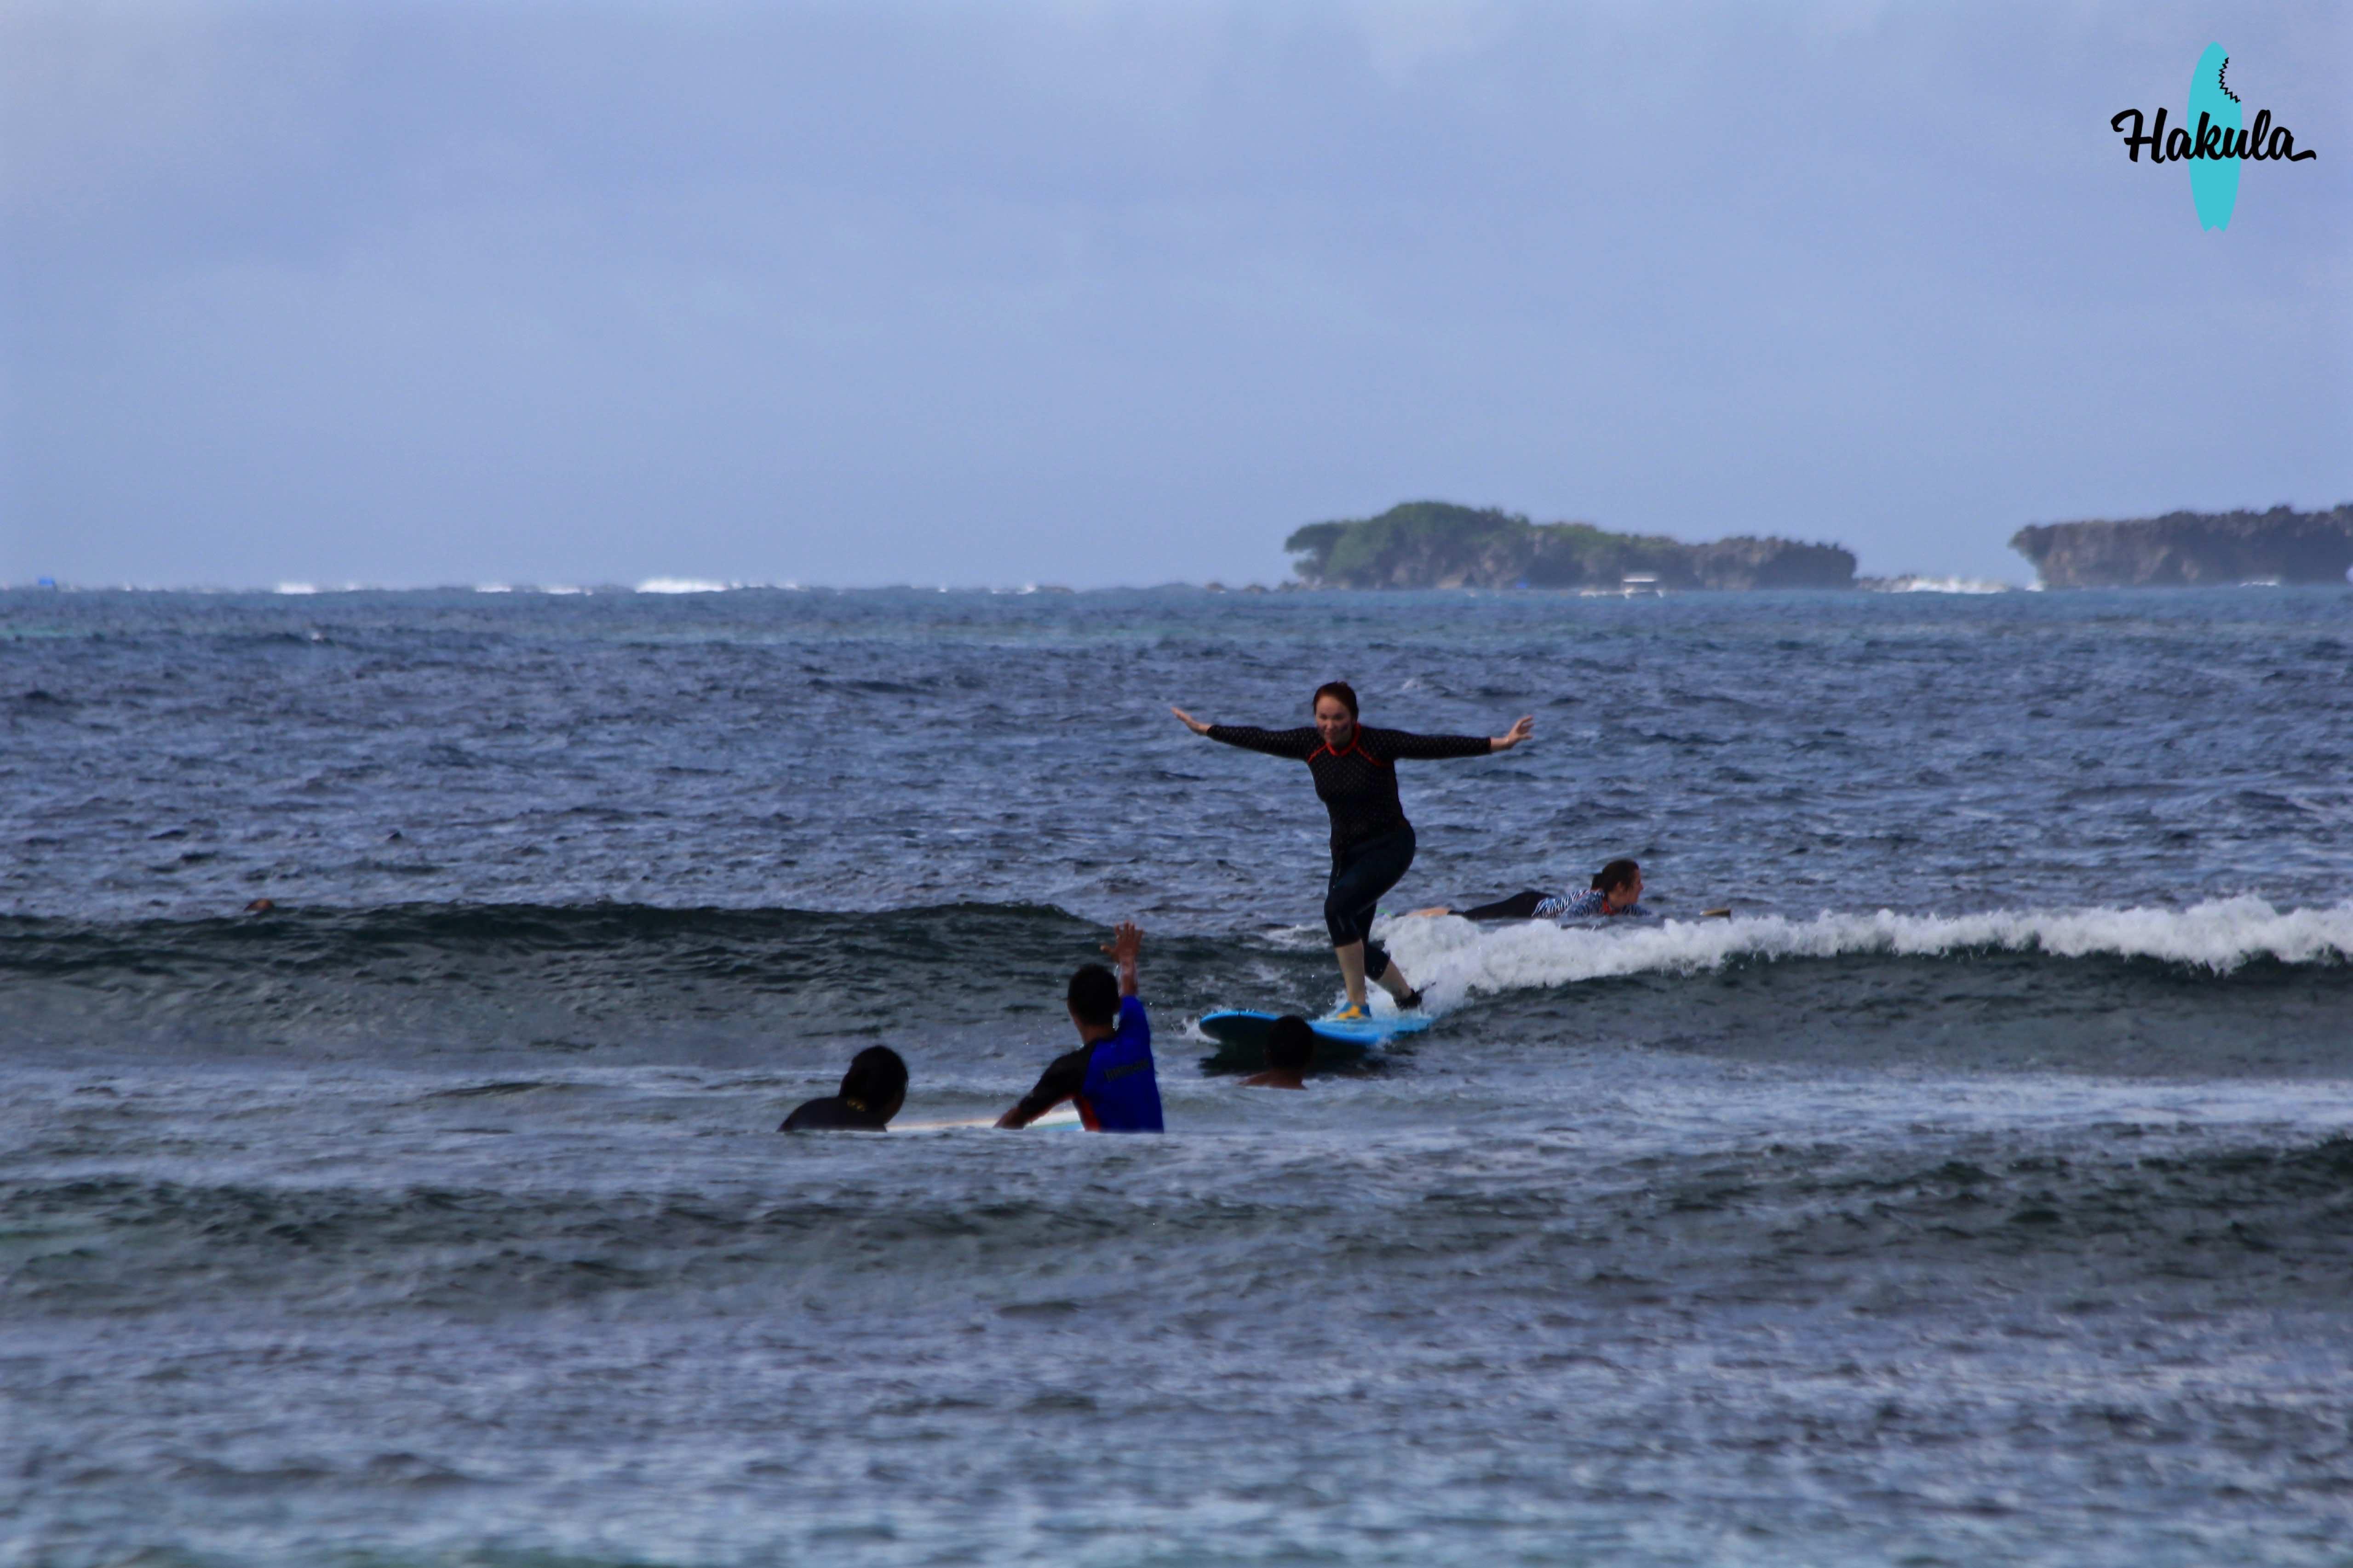 обучение серфингу на Филиппинах